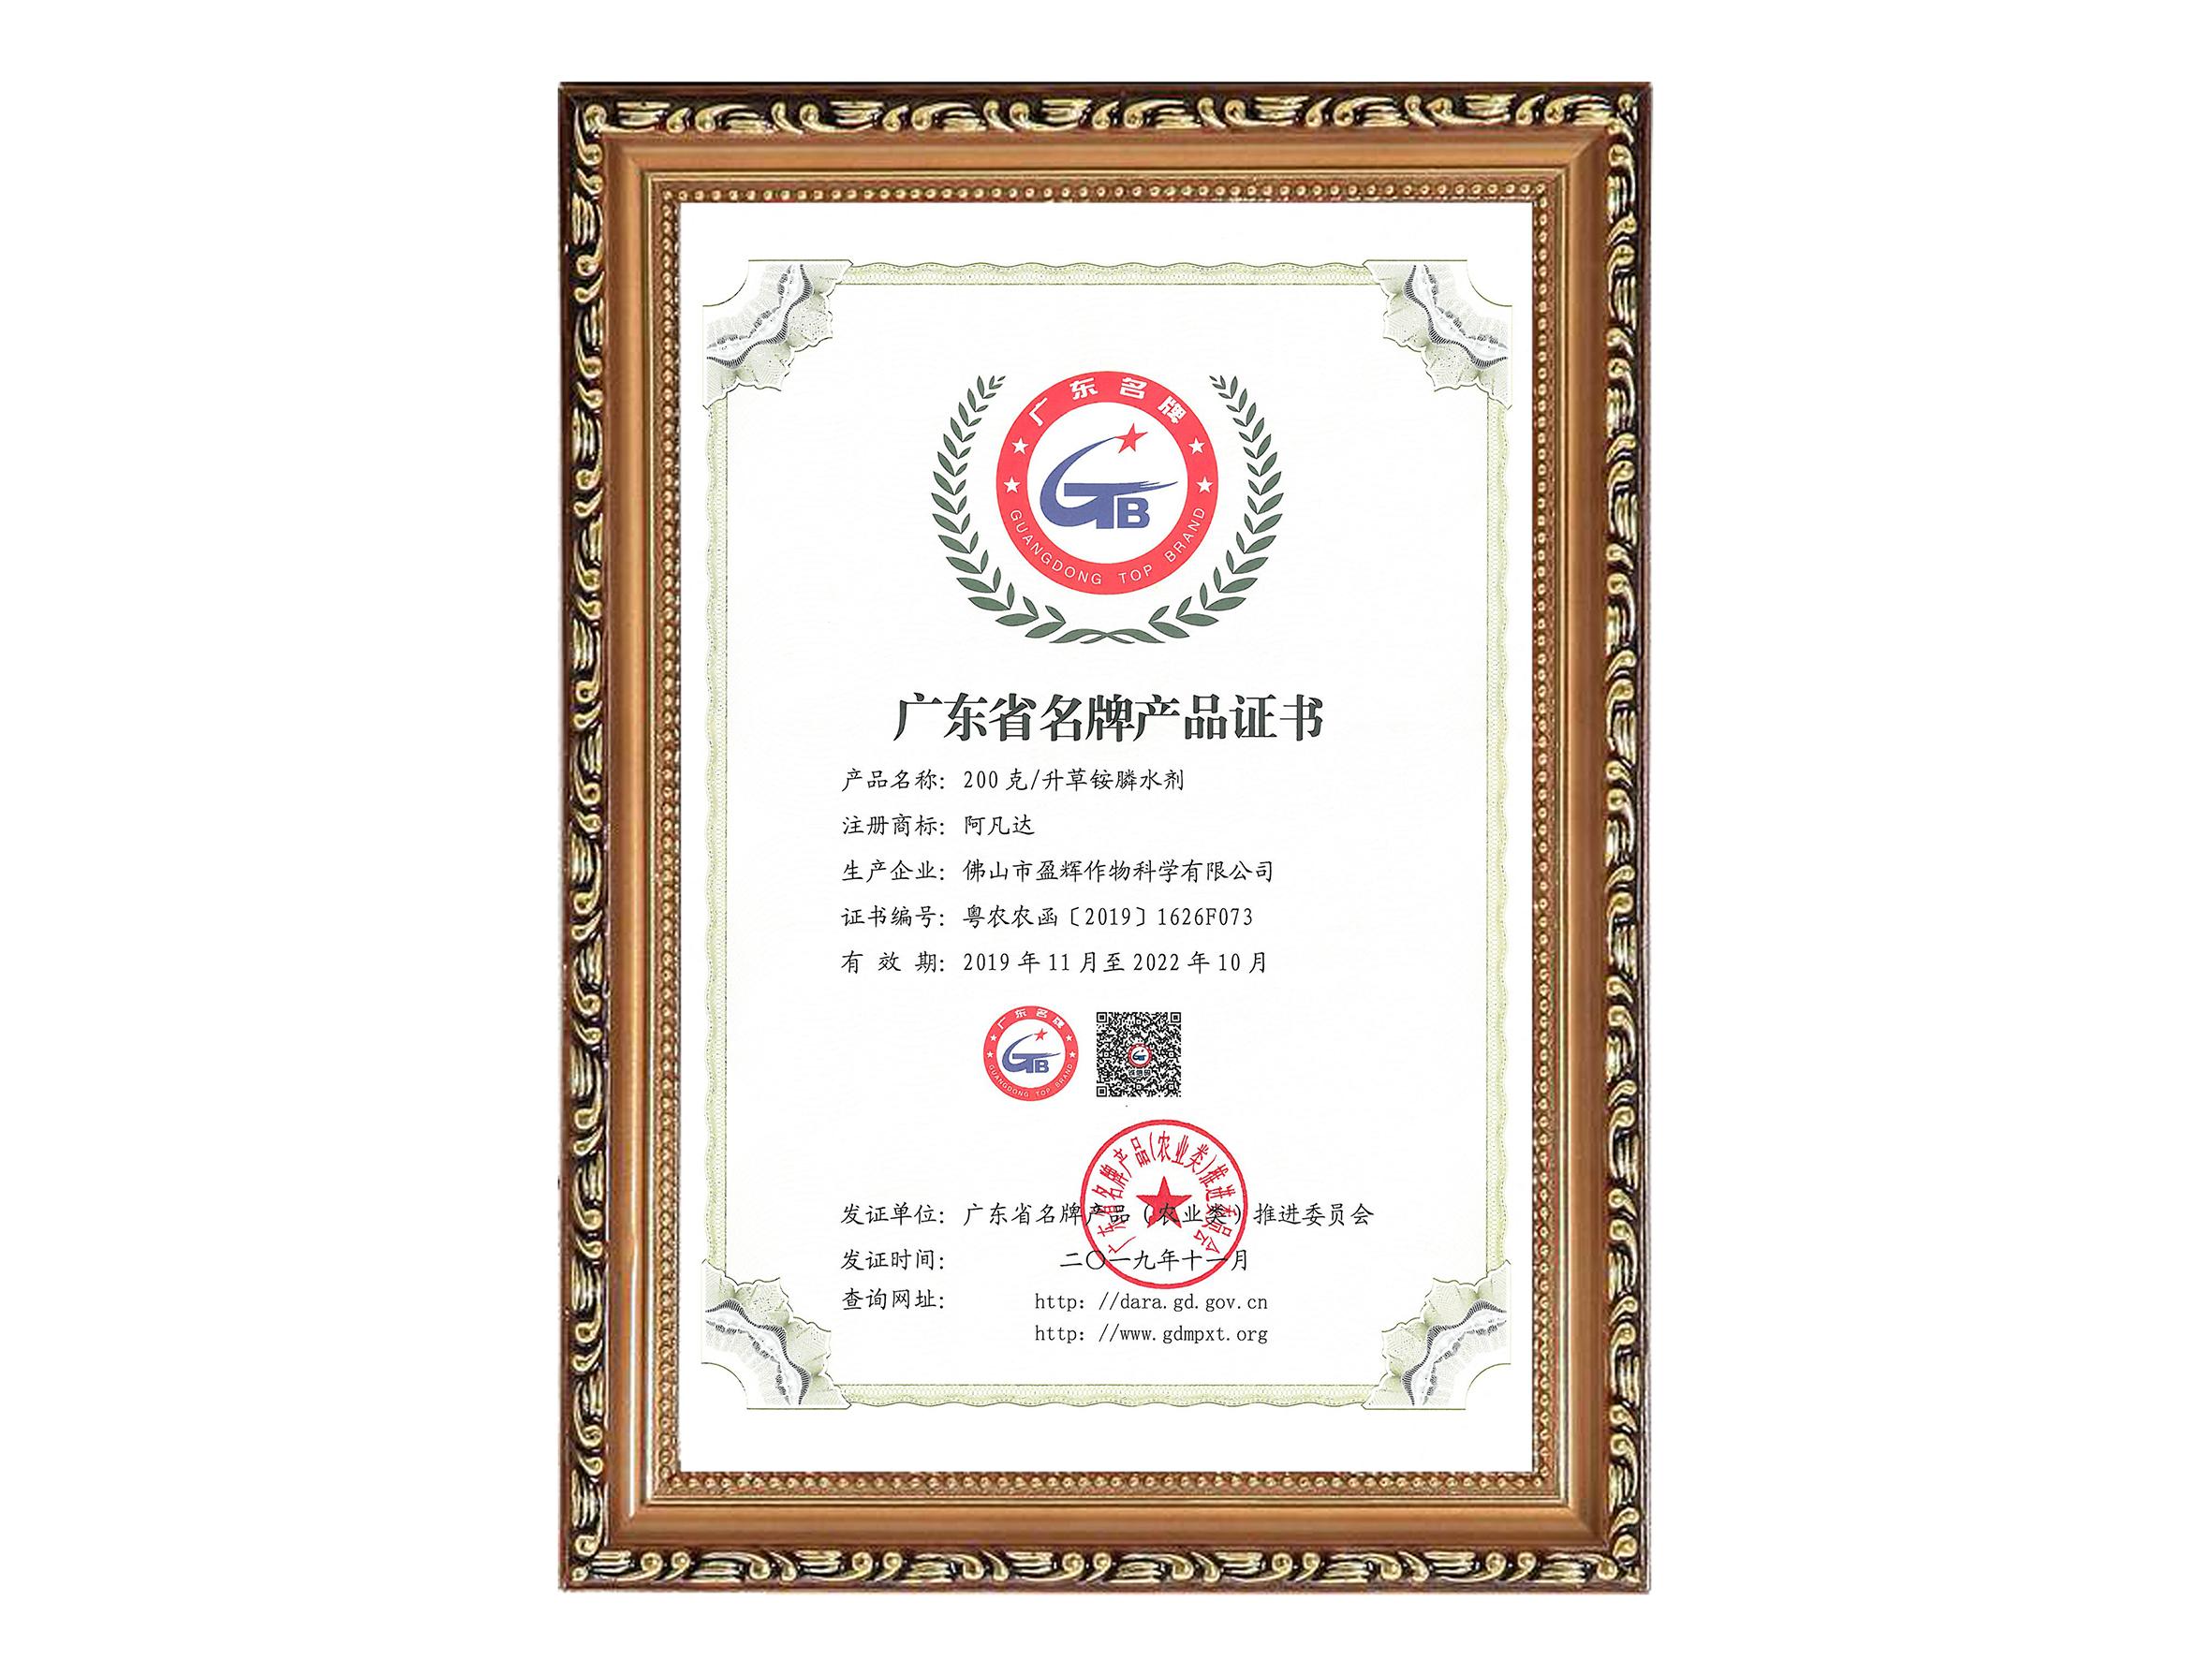 阿凡达-广东省名牌产品(2019-2022)